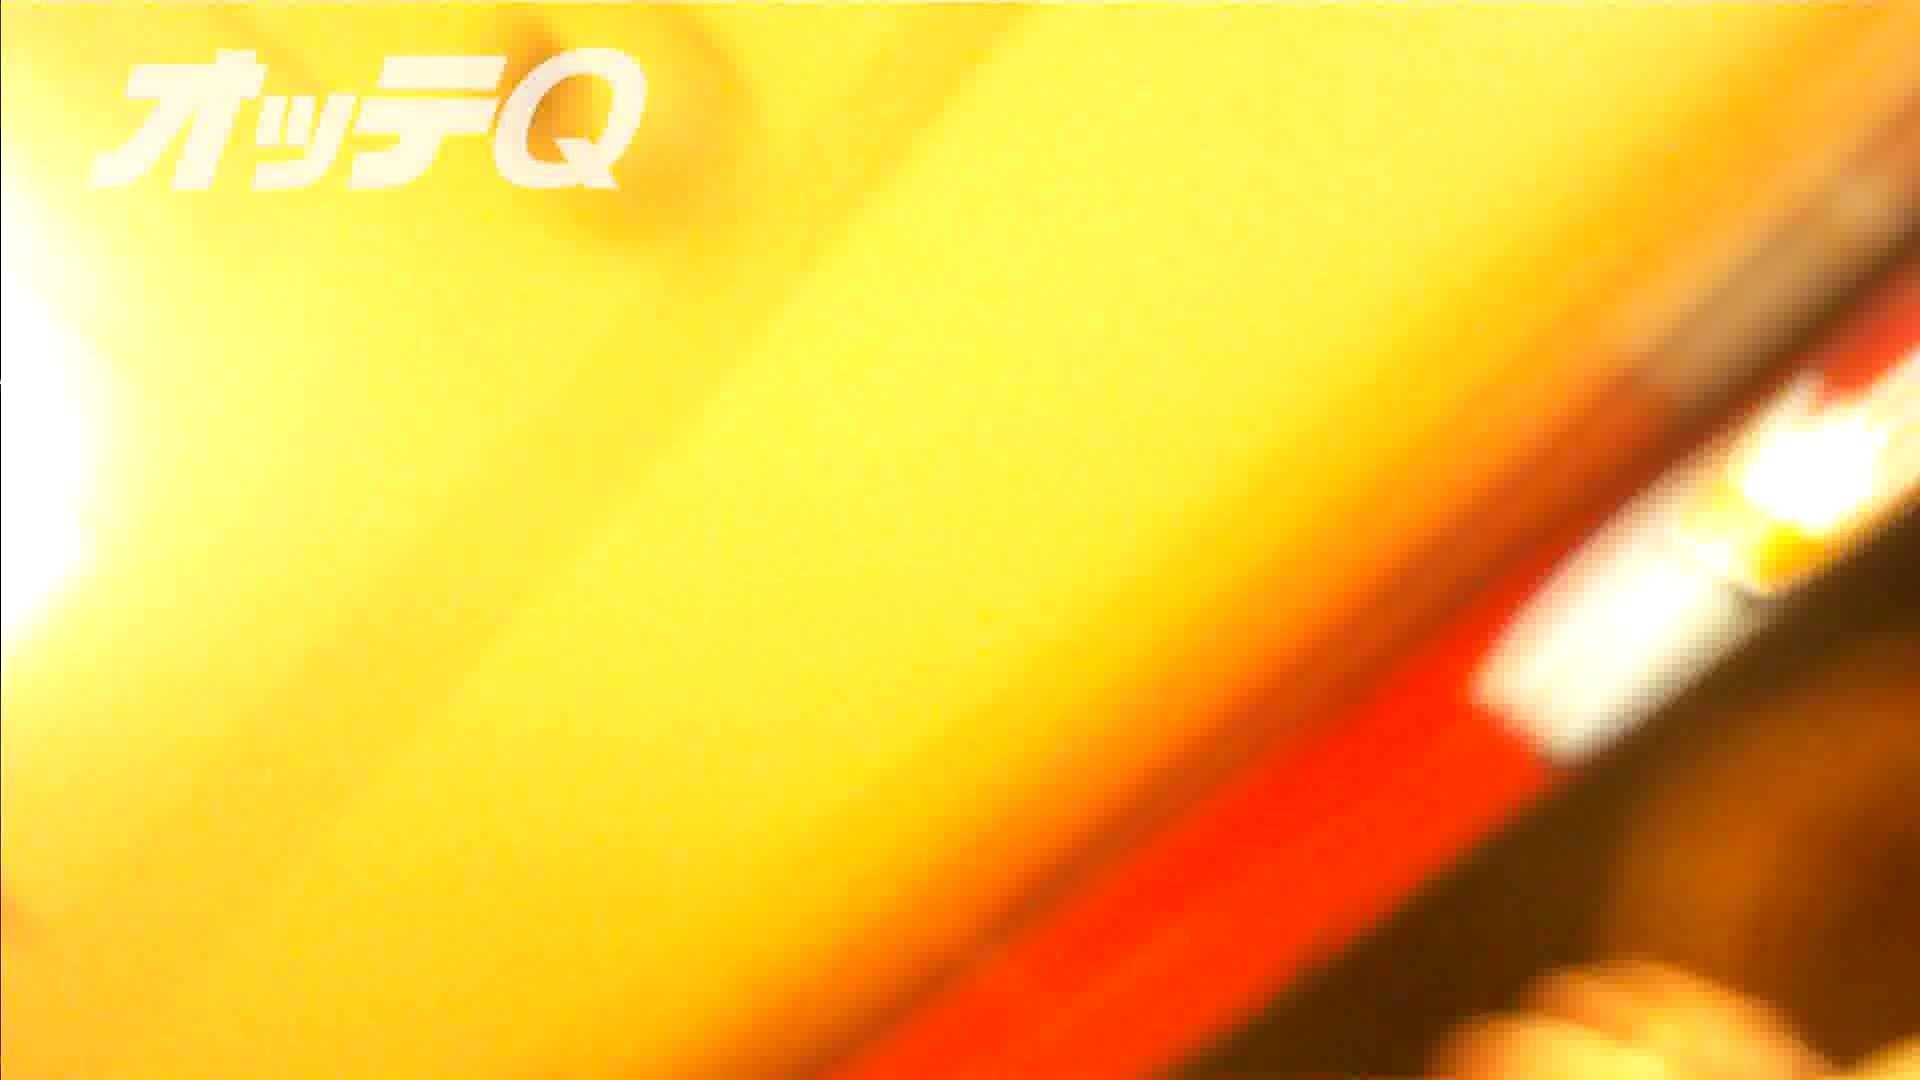 ハイビジョンパンチラ オッテQさんの追跡パンチラデパート編VOL.04 チラ系 オマンコ無修正動画無料 105pic 28